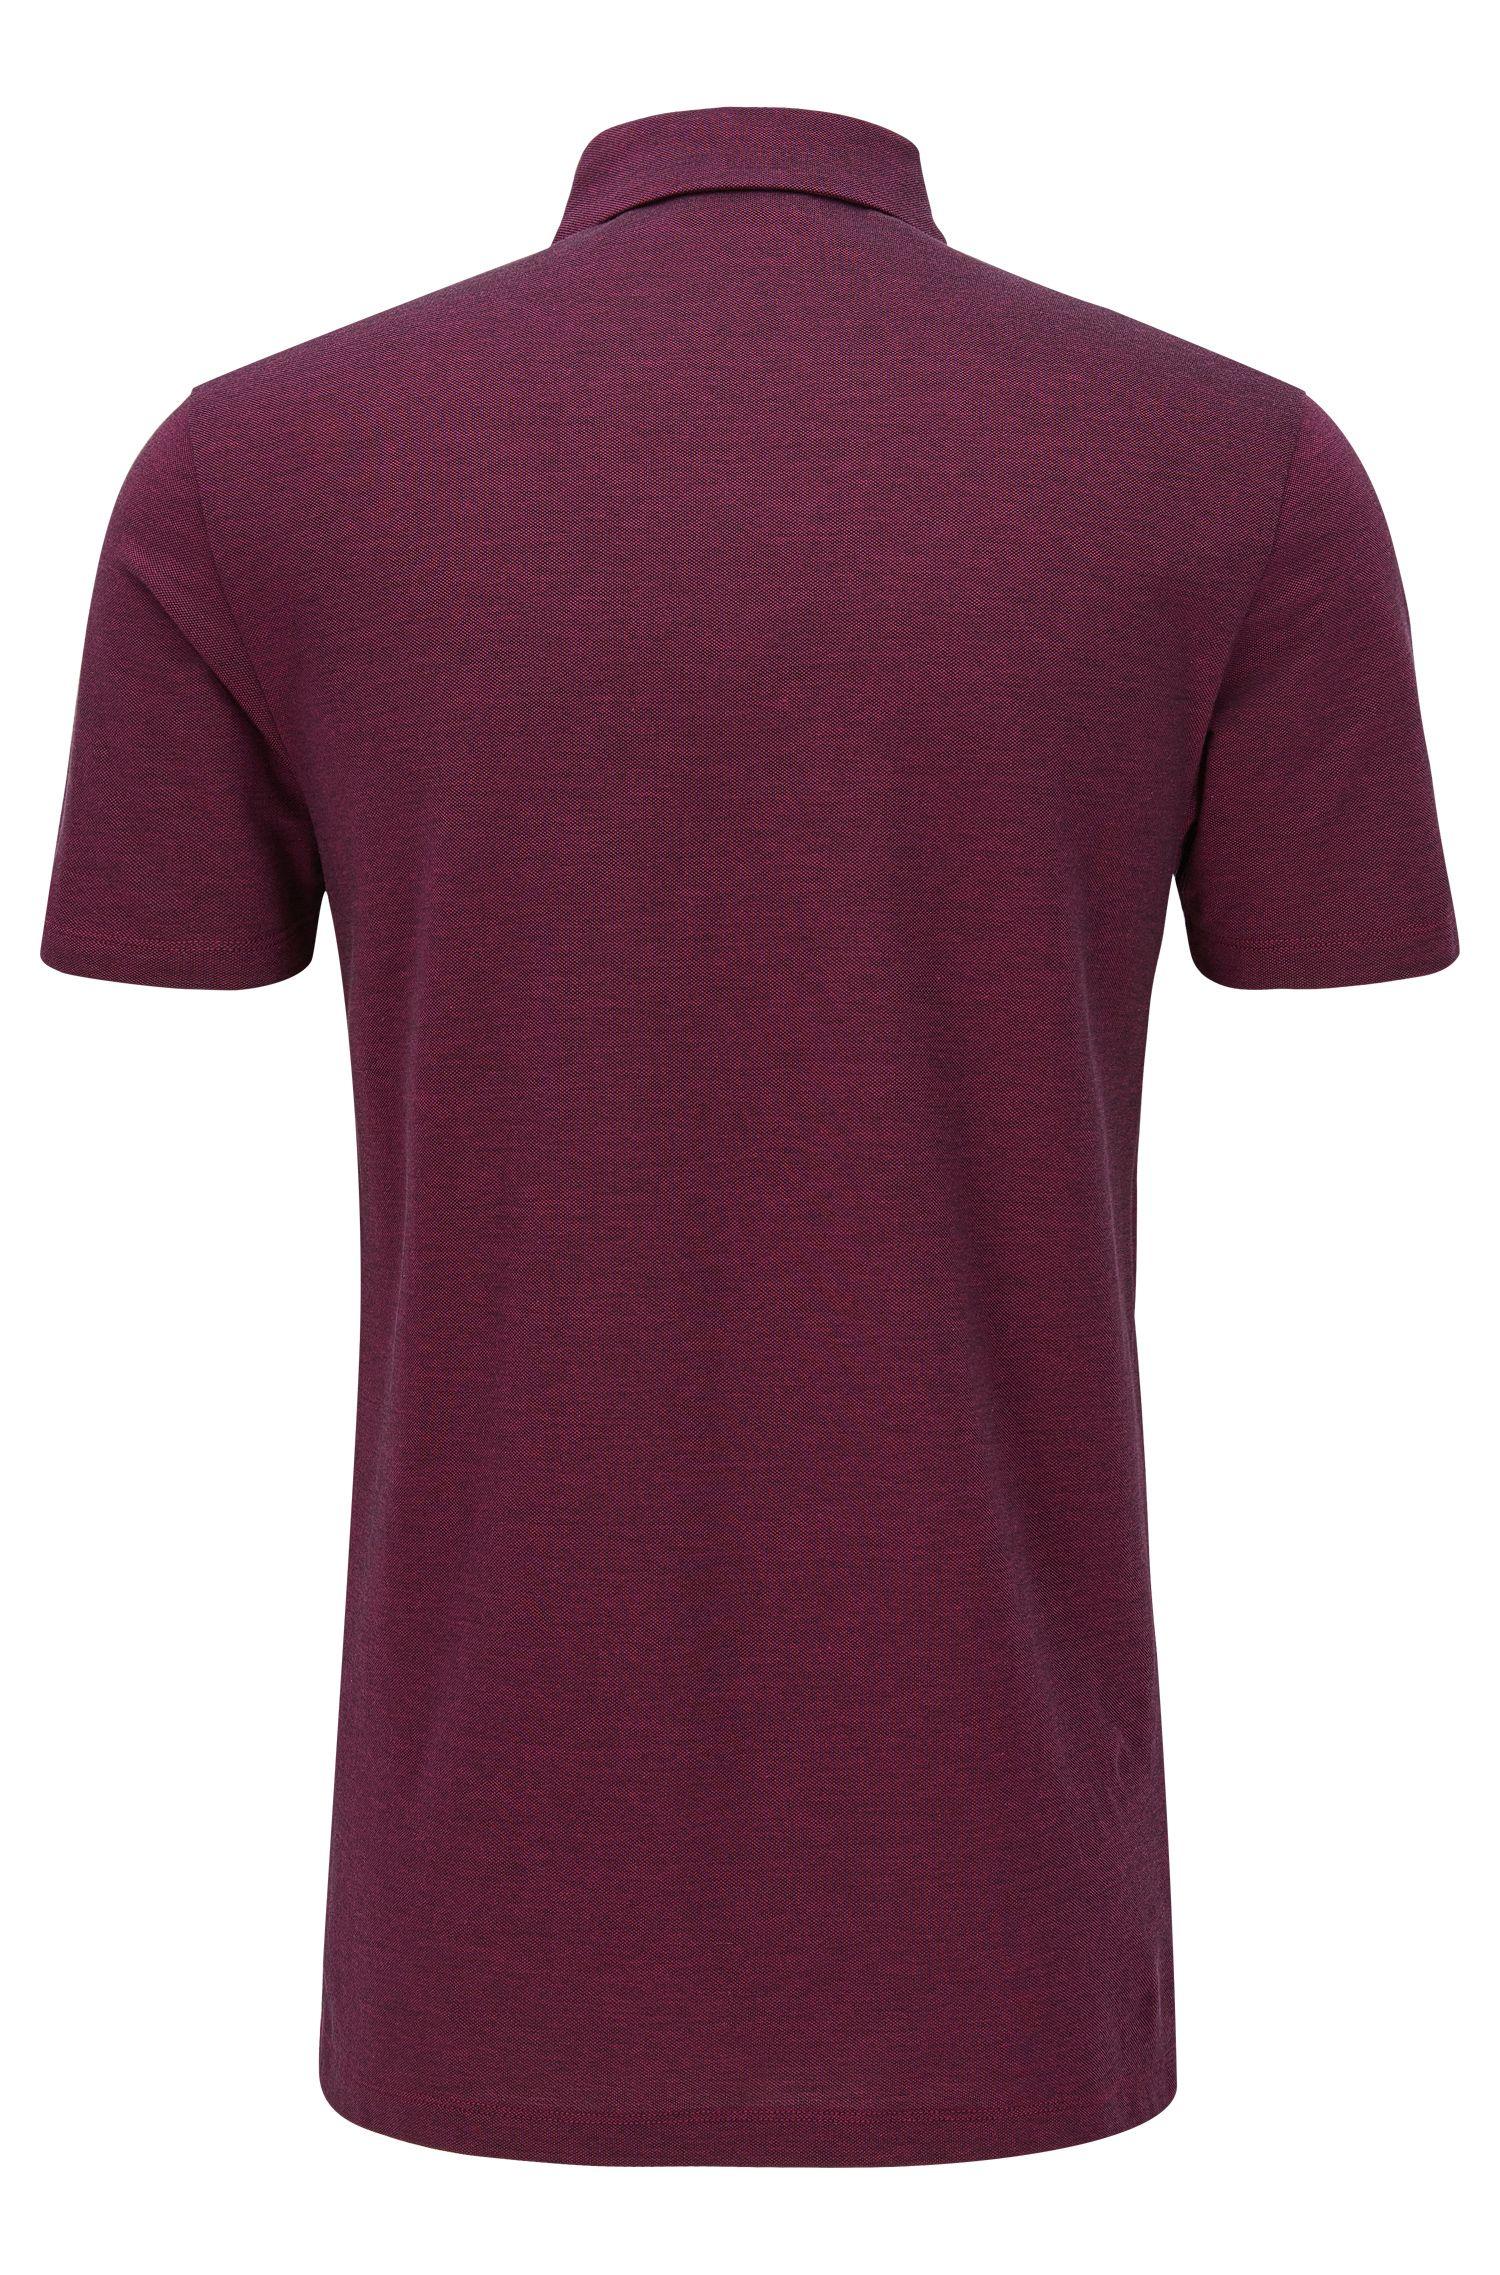 Piqué Cotton Polo Shirt, Slim Fit | Deffries